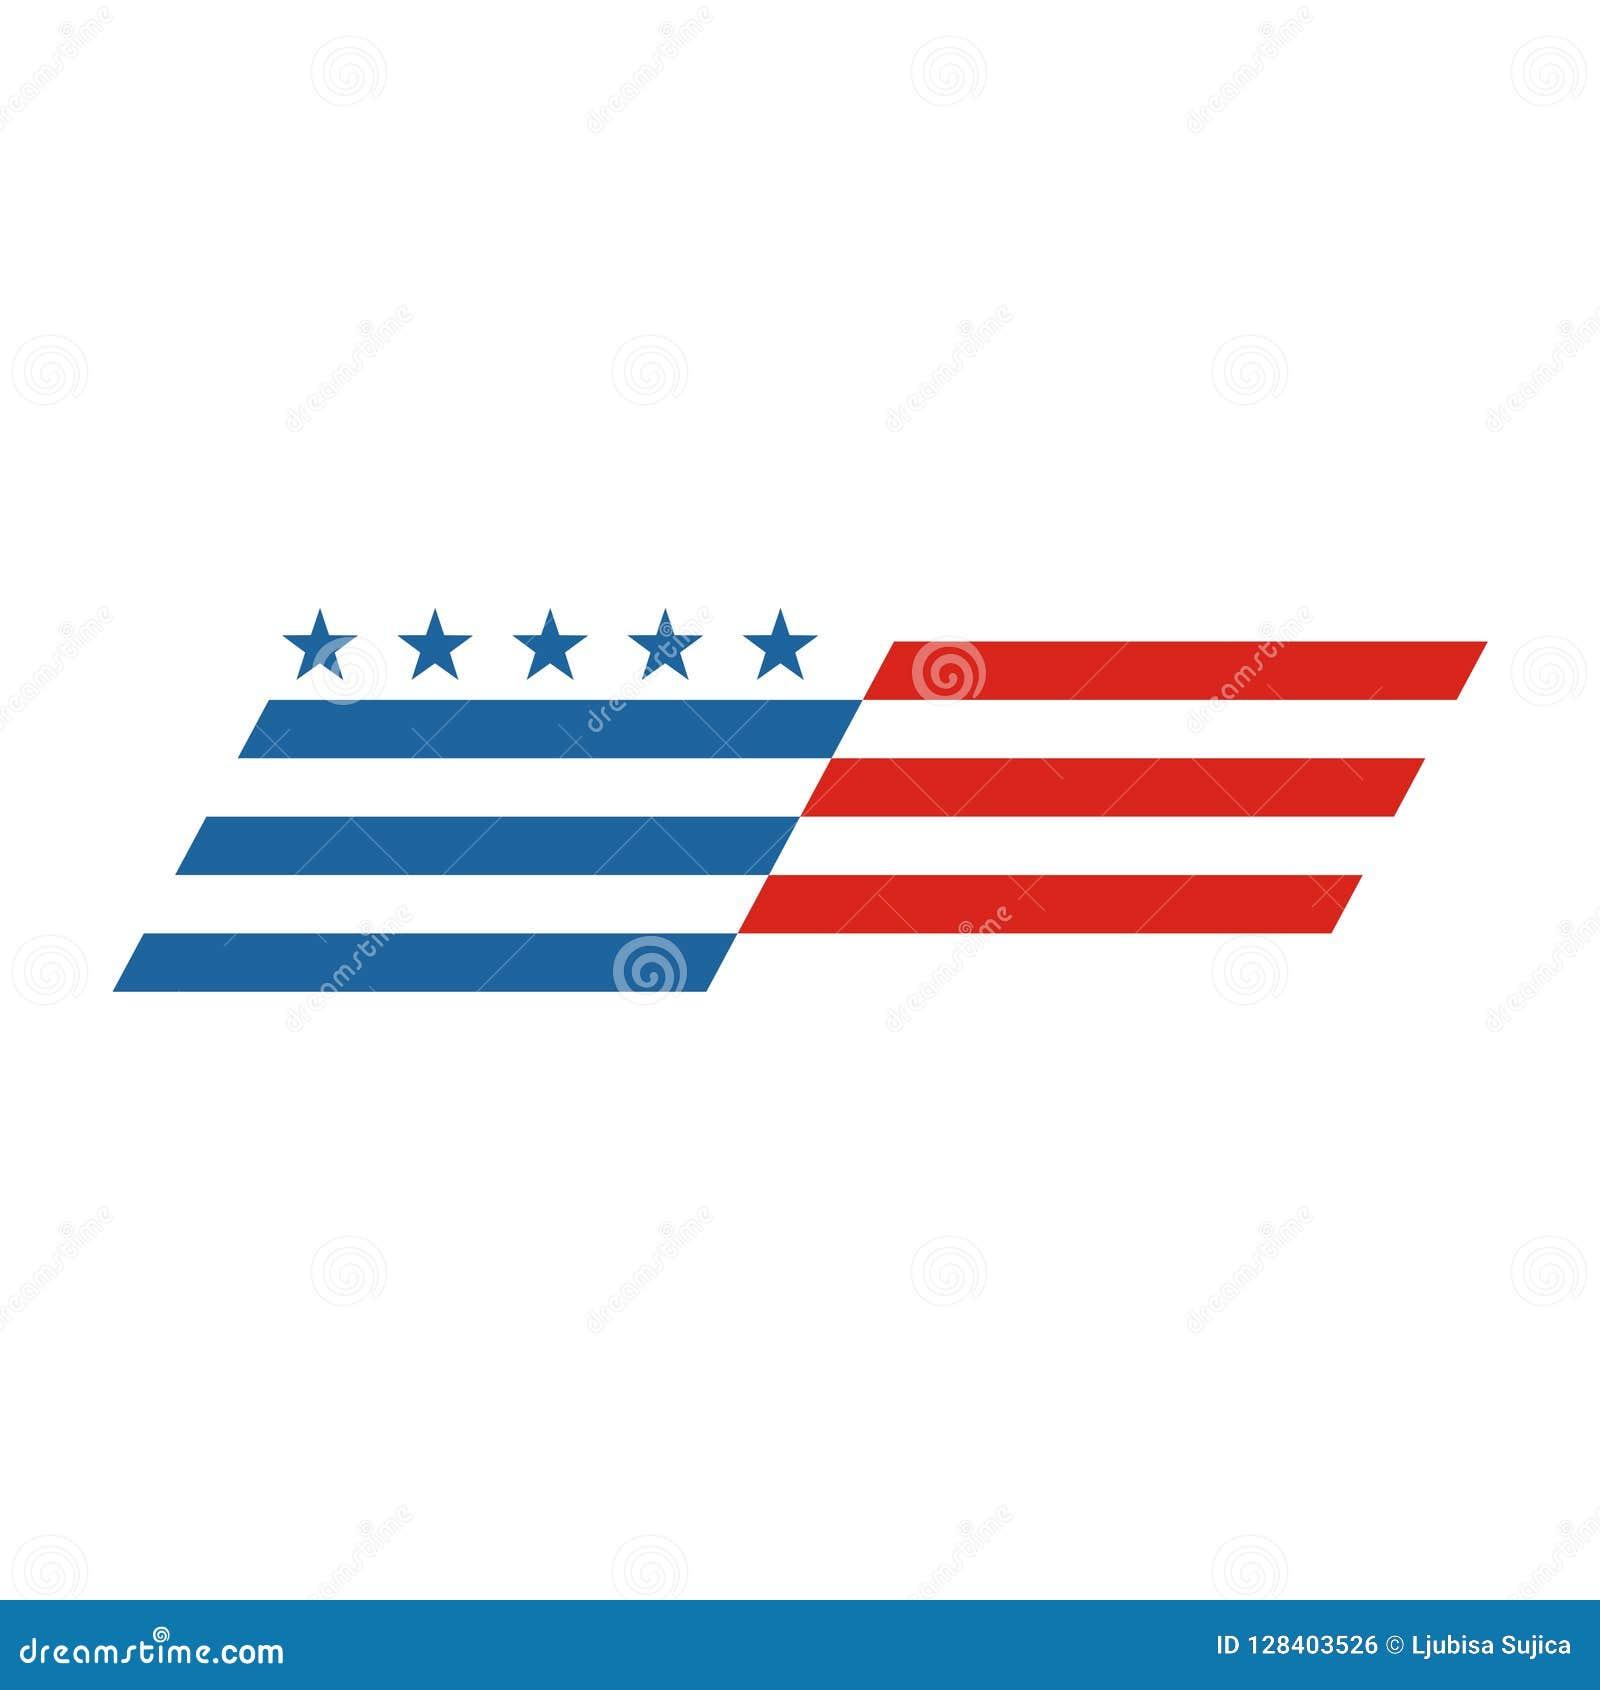 American flag abstract, USA flag logo, US flag icon